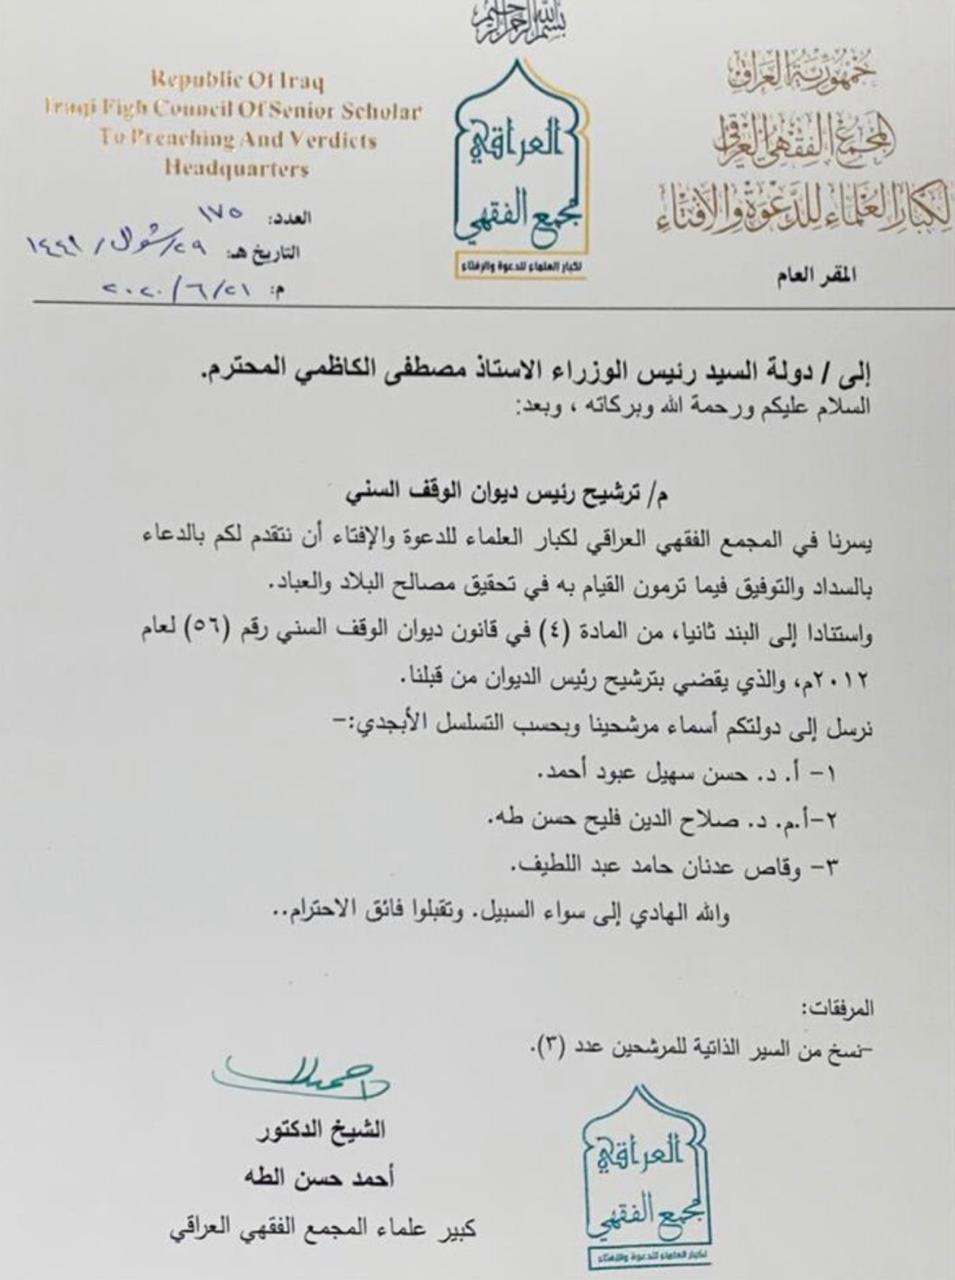 بالوثيقة .. المجمع الفقهي يرشح ثلاث شخصيات لرئاسات ديوان الوقف السني